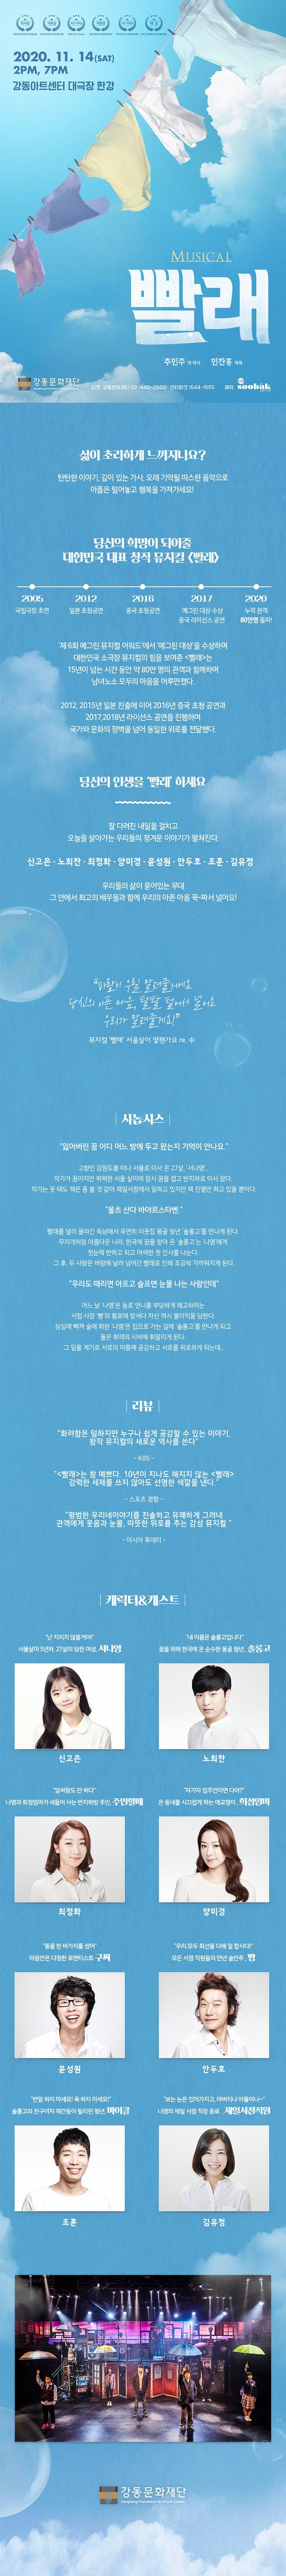 뮤지컬 빨래 2020년 11월 14일 토요일 오후 2시, 7시 강동아트센터 대극장 한강